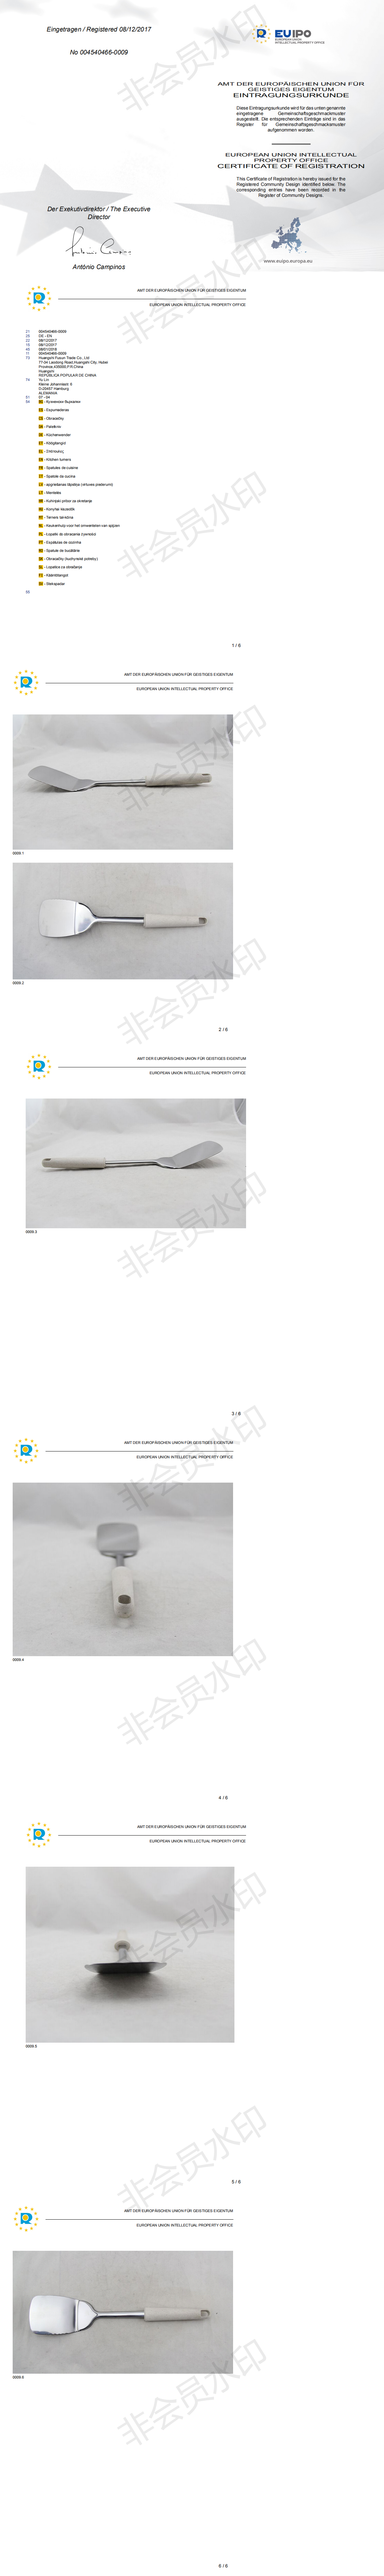 Патент ЕС 004540466-0009